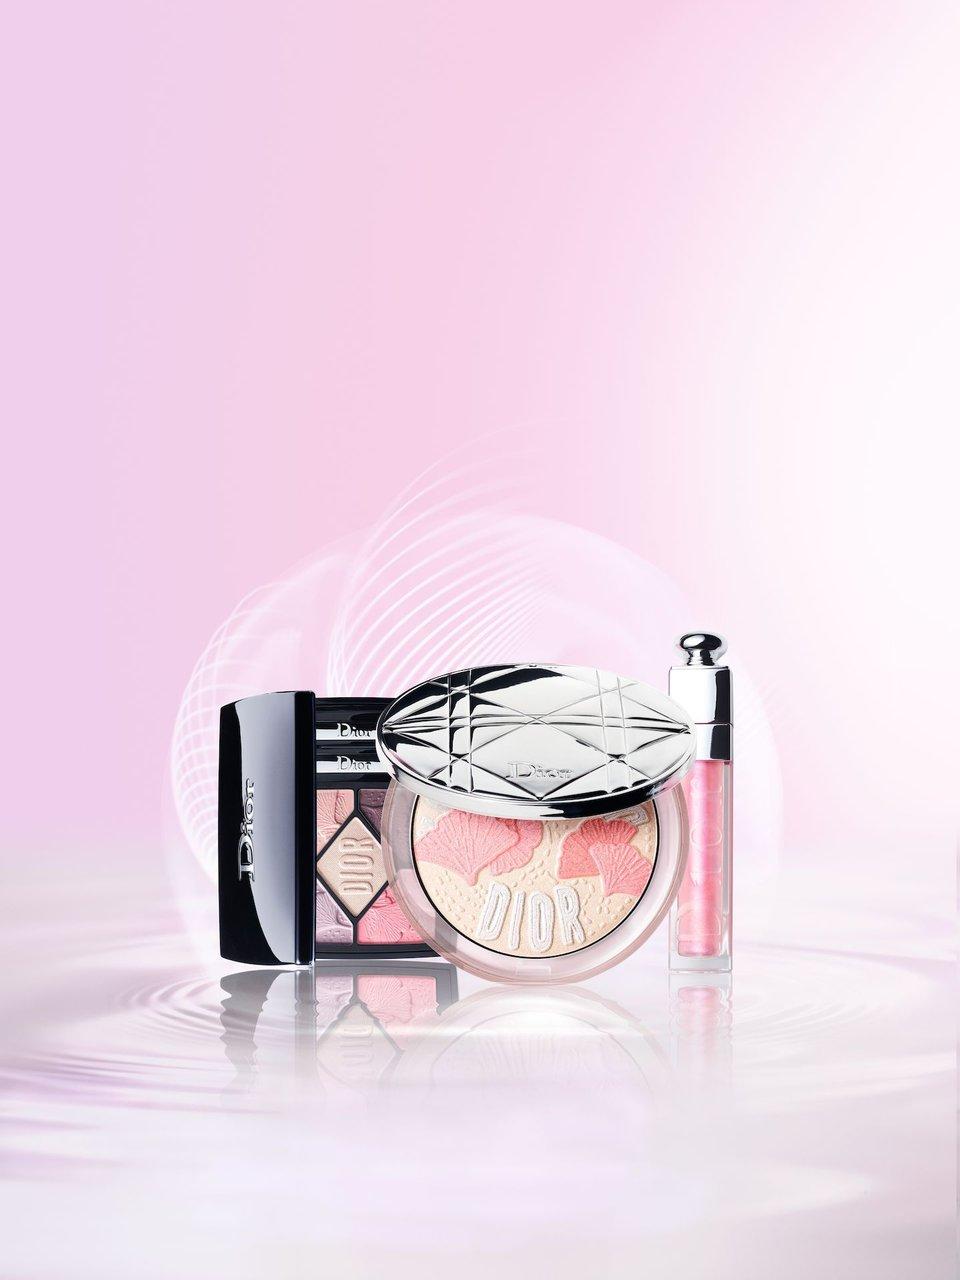 ディオール(Dior) ガーデン オブ ライト コレクション